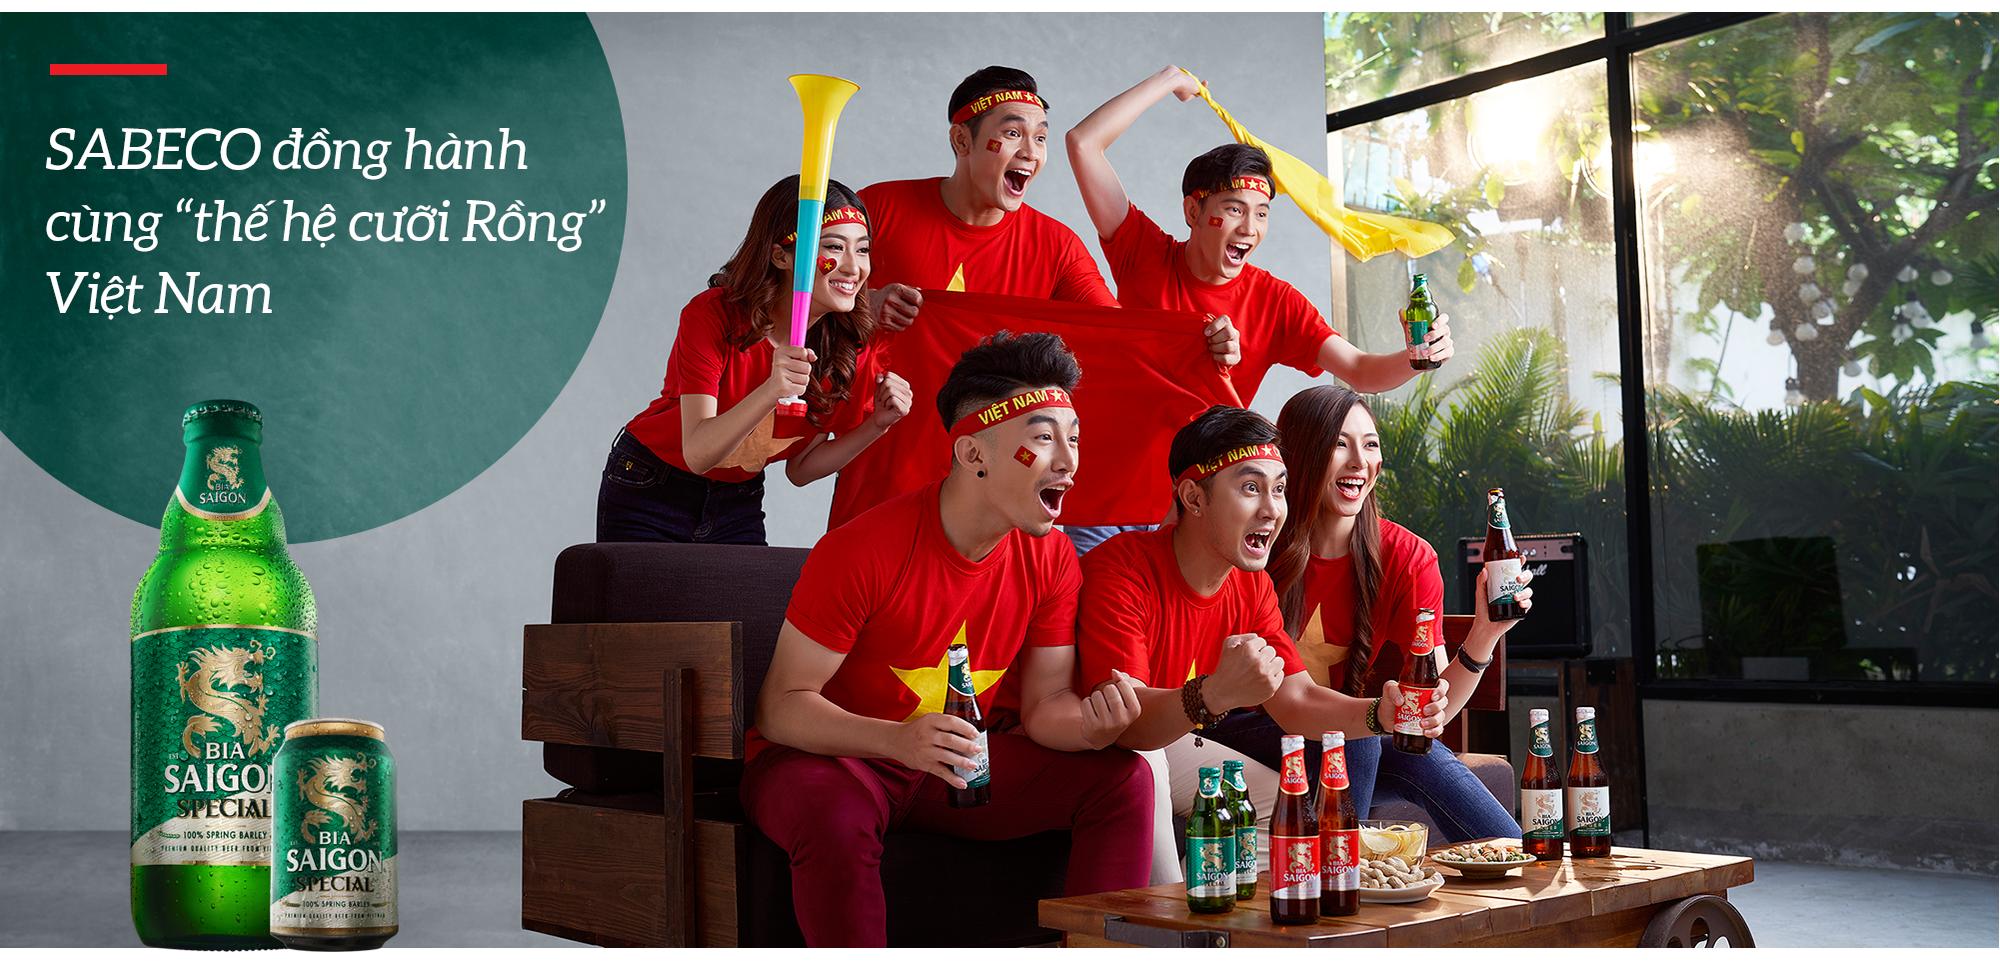 Từ một xưởng bia nhỏ đến tổng công ty hàng đầu Việt Nam: Chuyện chưa biết về một thương hiệu Việt - Ảnh 7.